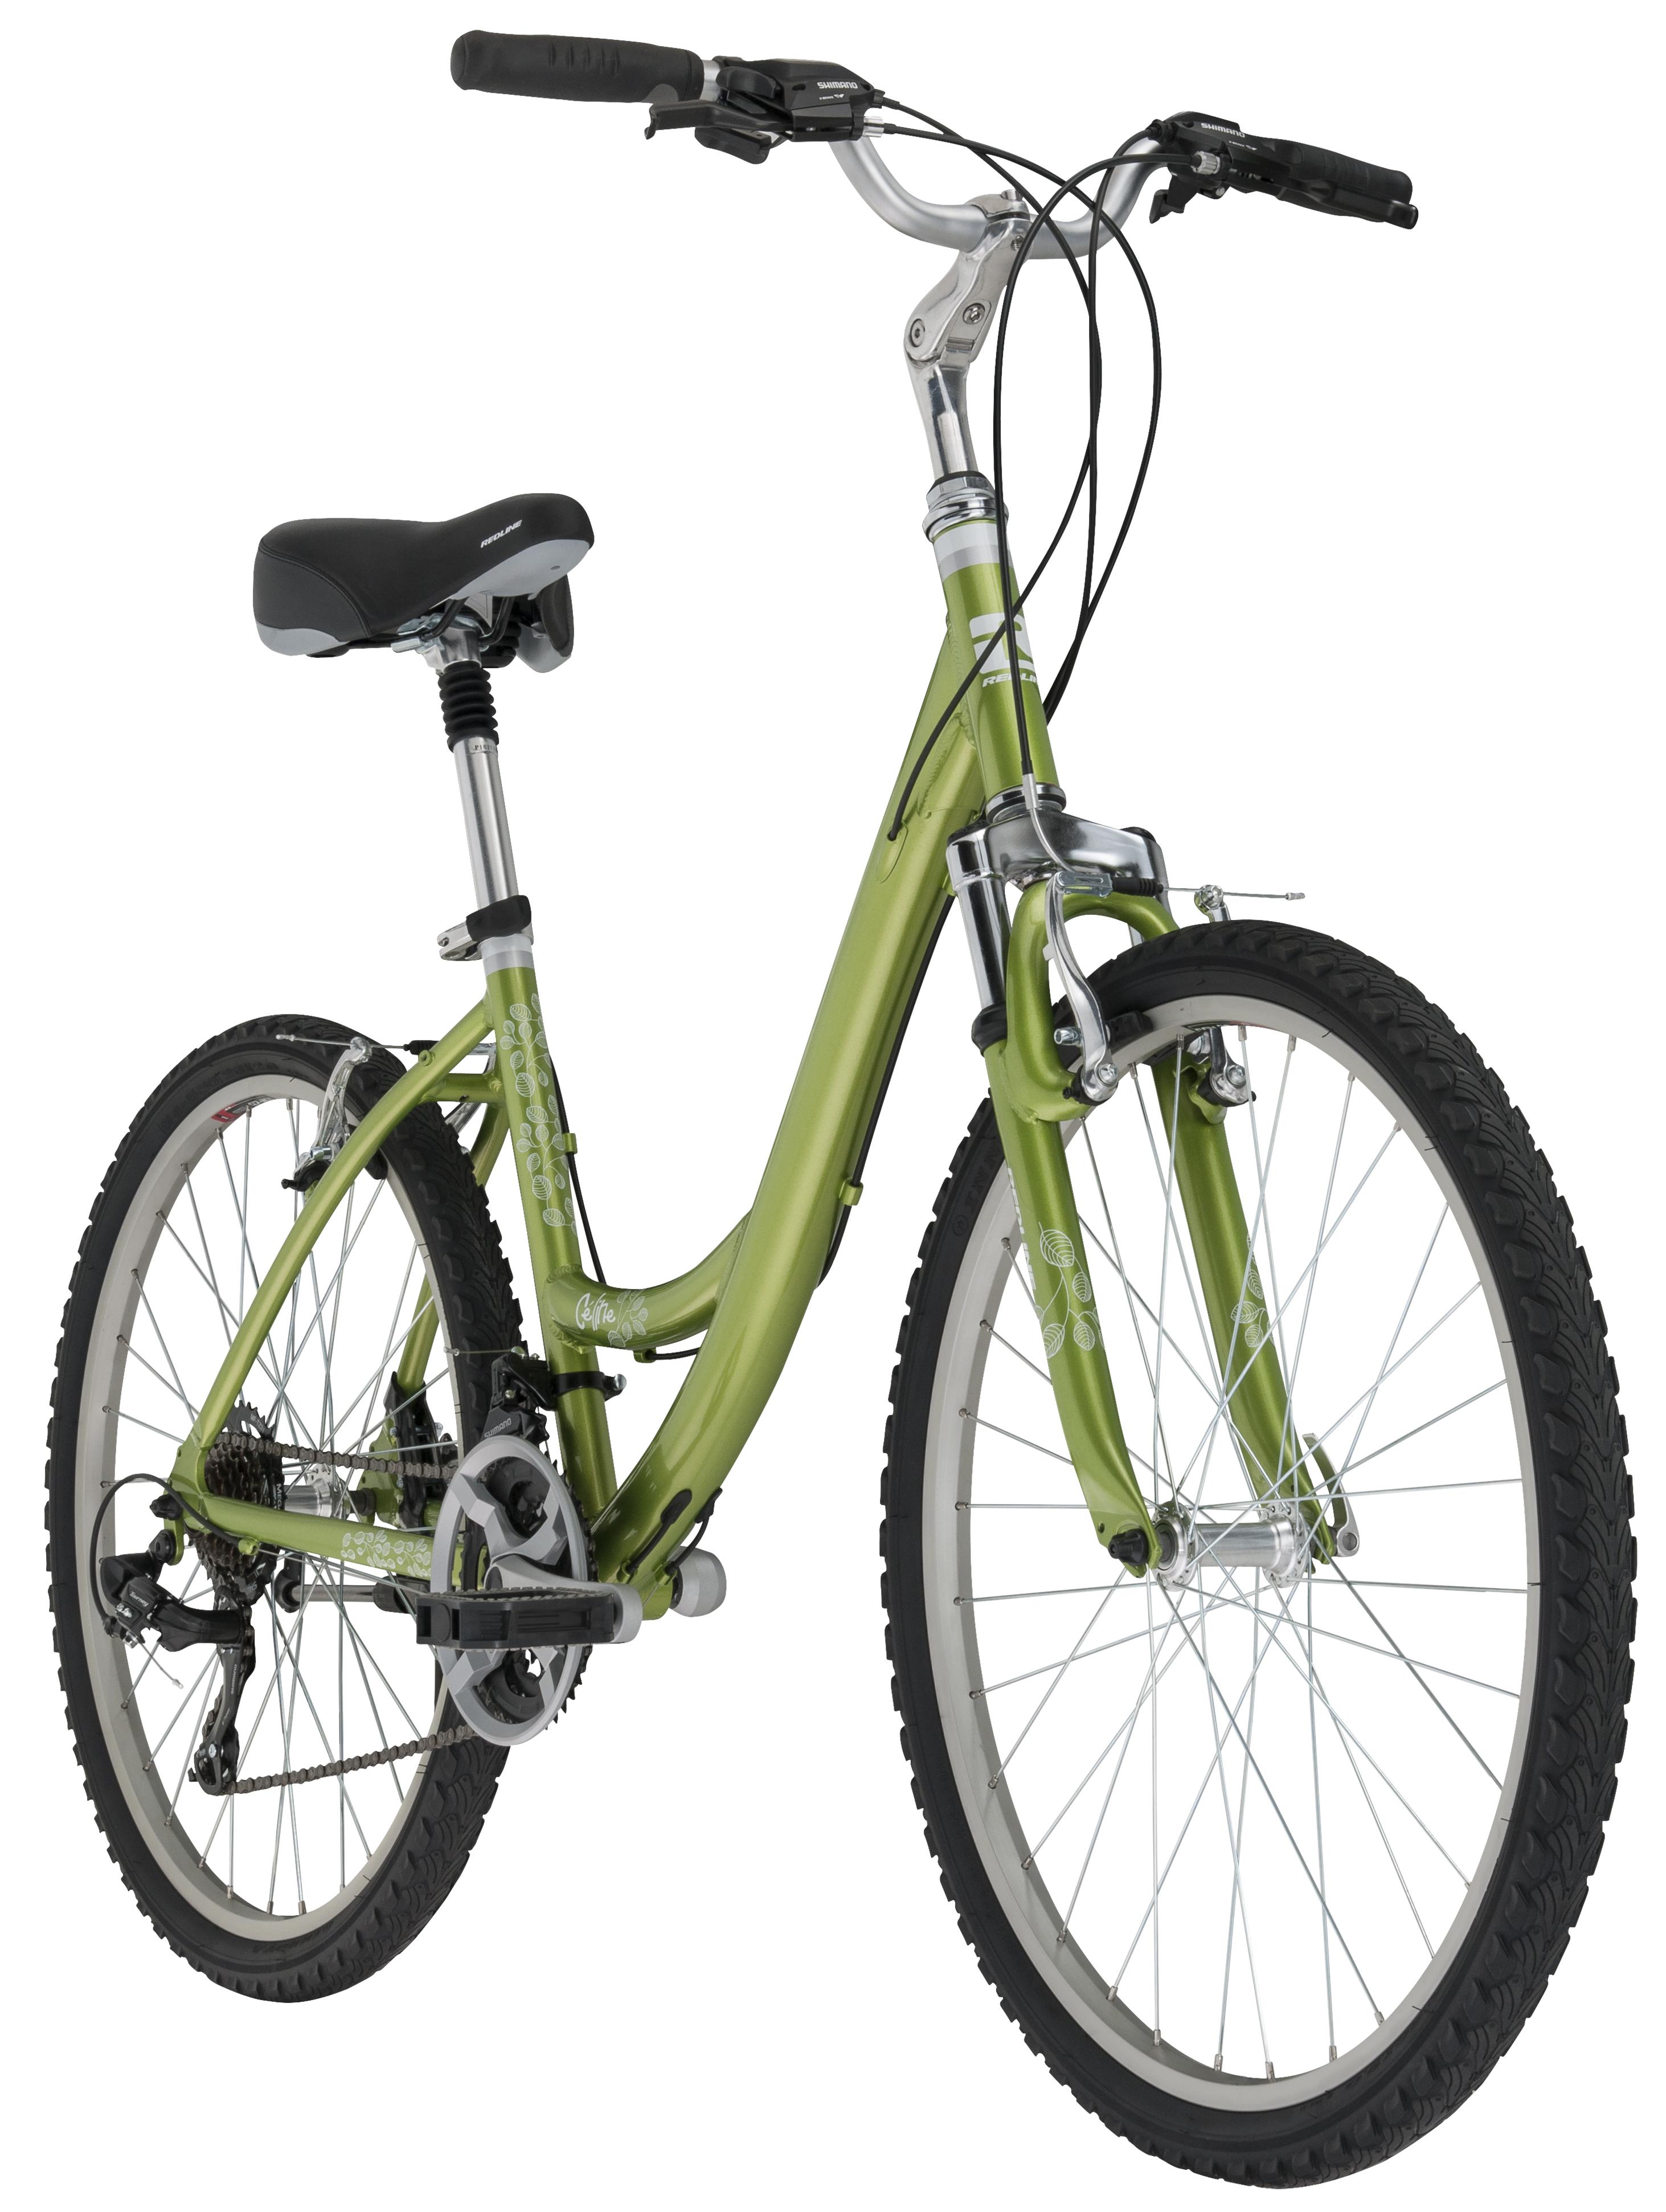 image wallpaper orbea bicycles comforter en download comfort us